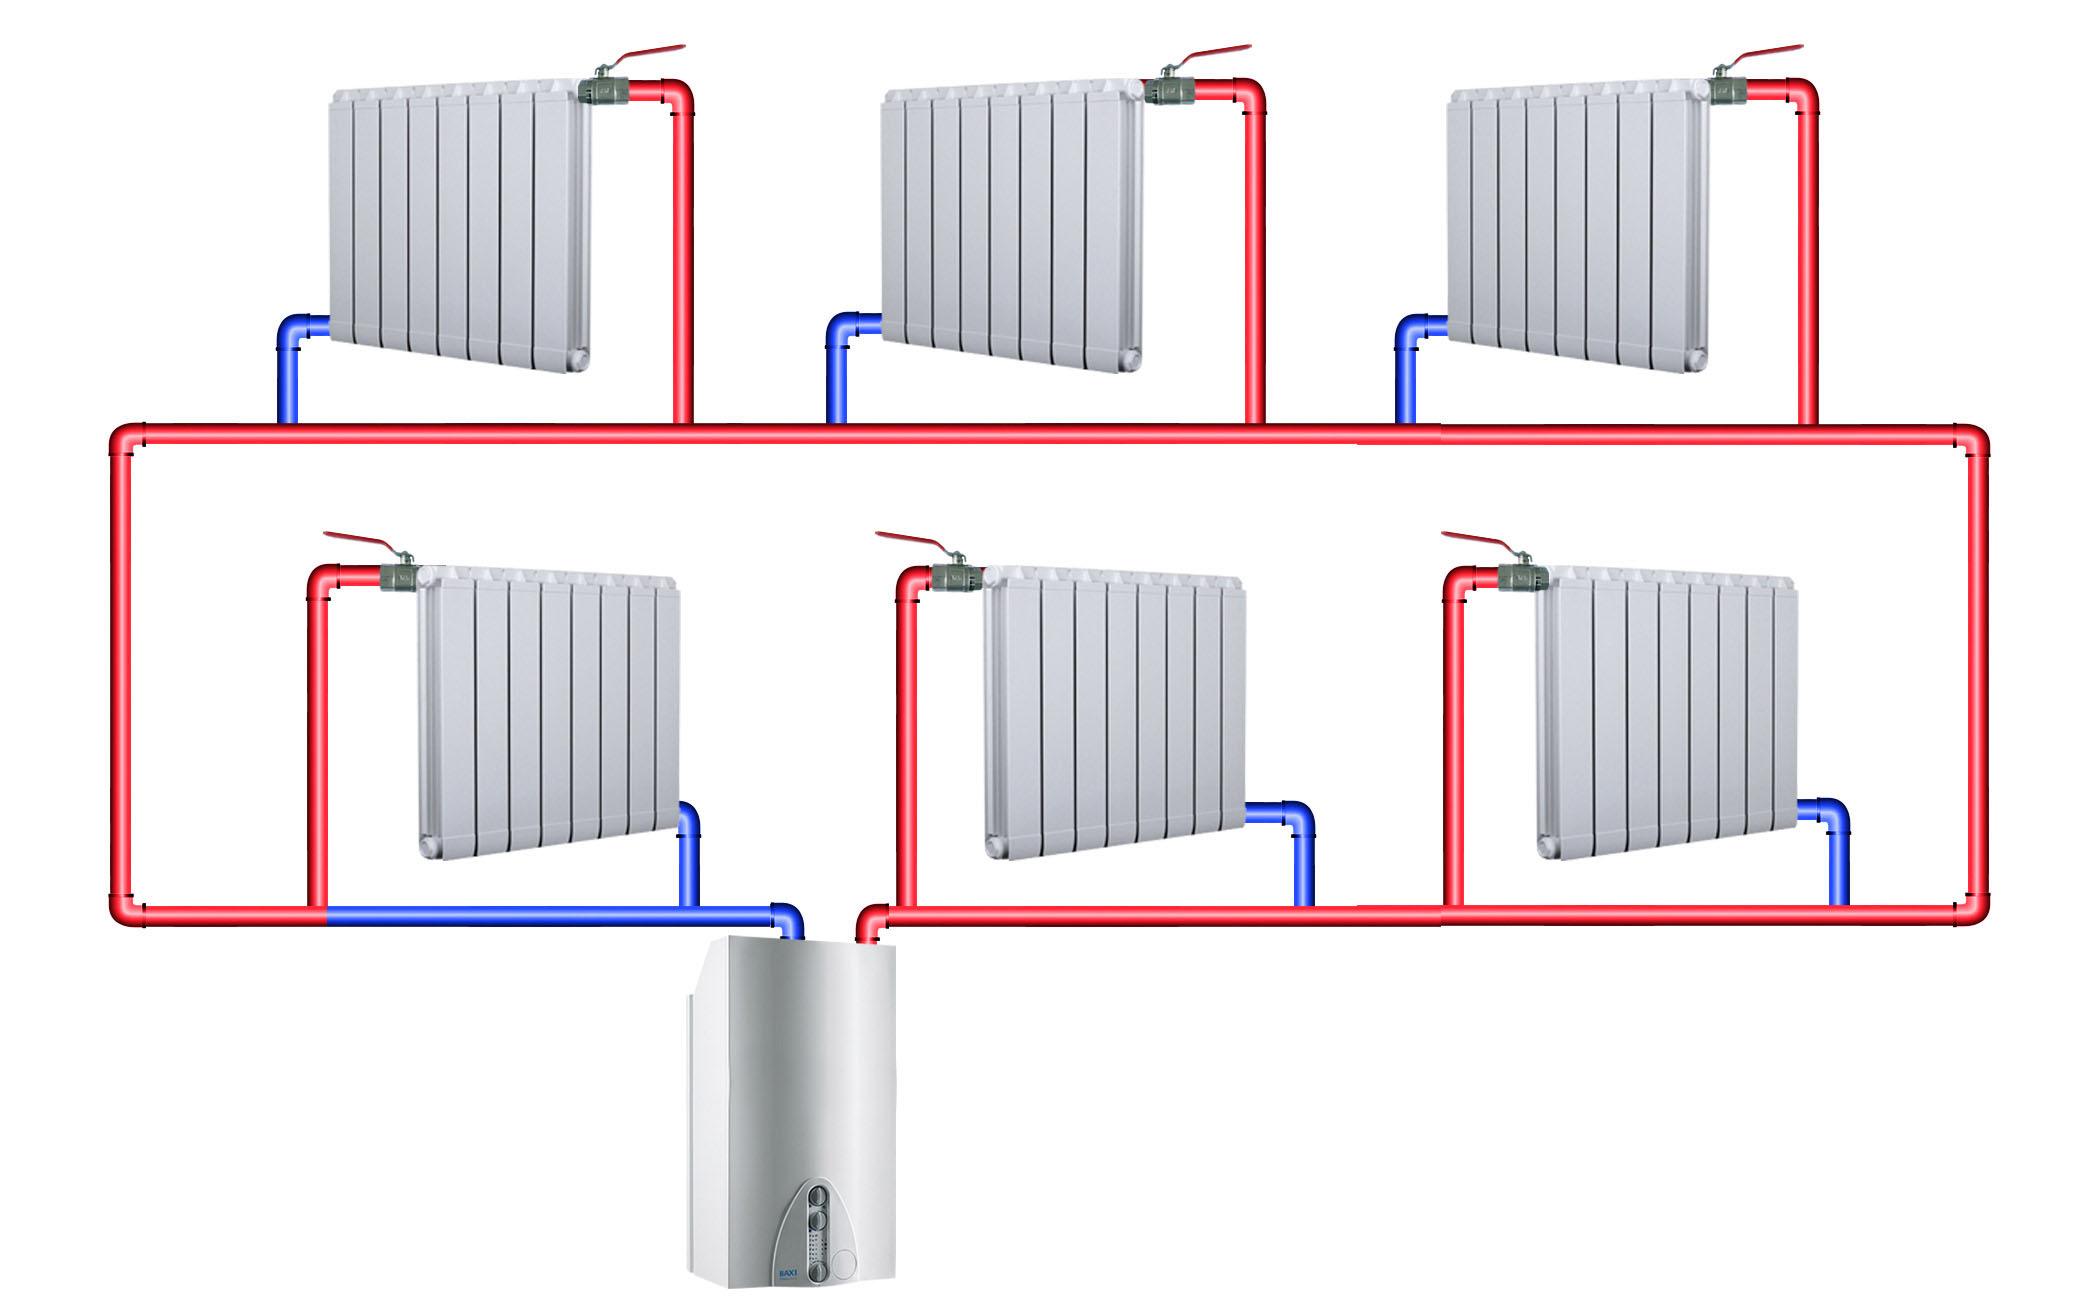 geothermie chauffage fonctionnement grenoble saint paul montauban devis pour construction. Black Bedroom Furniture Sets. Home Design Ideas